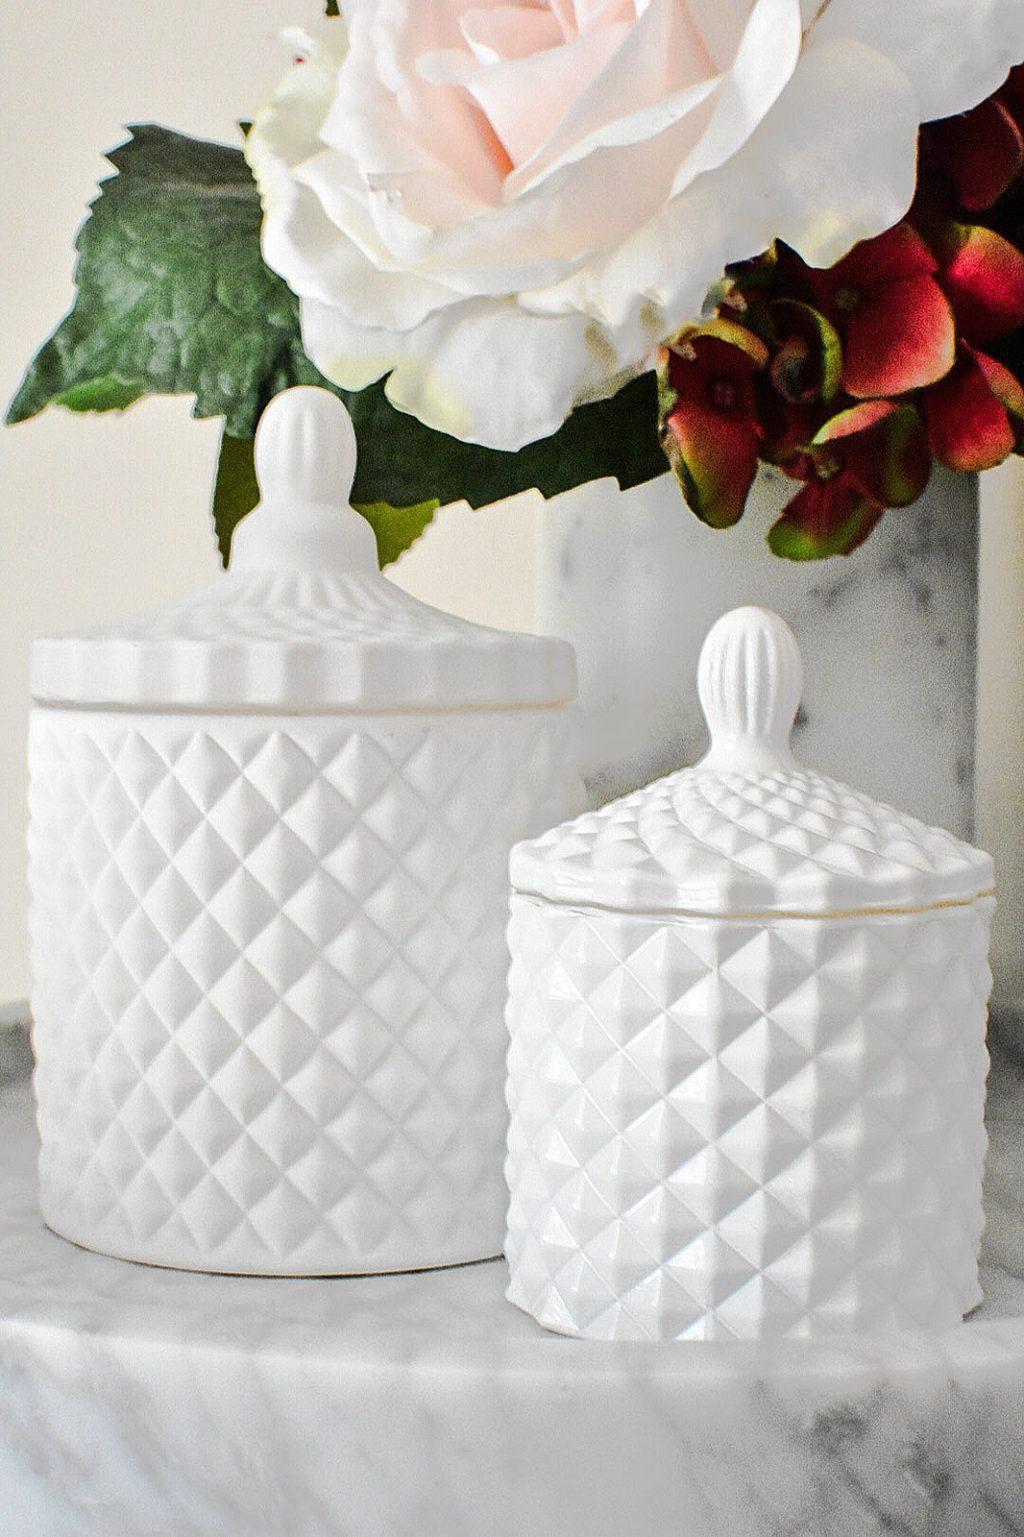 lavender-rose-white-reusable-candle-holder-vessel